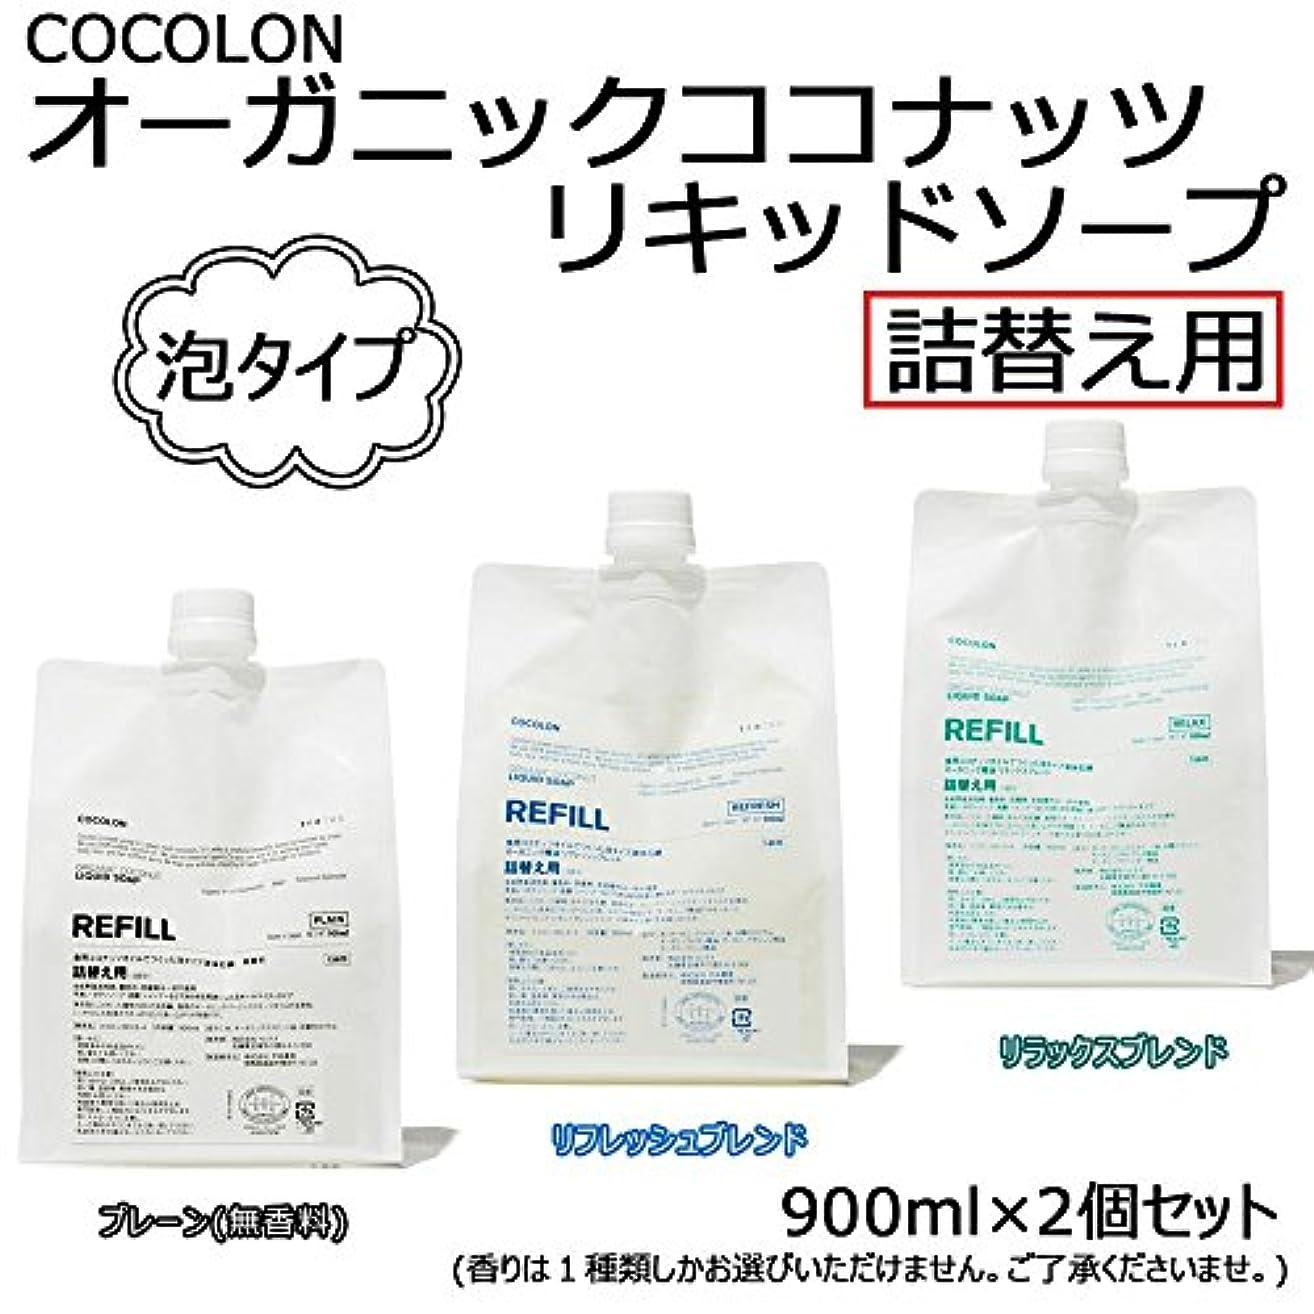 持続的割り当て競合他社選手COCOLON ココロン オーガニックココナッツリキッドソープ 泡タイプ 詰替え用 900ml 2個セット リラックスブレンド